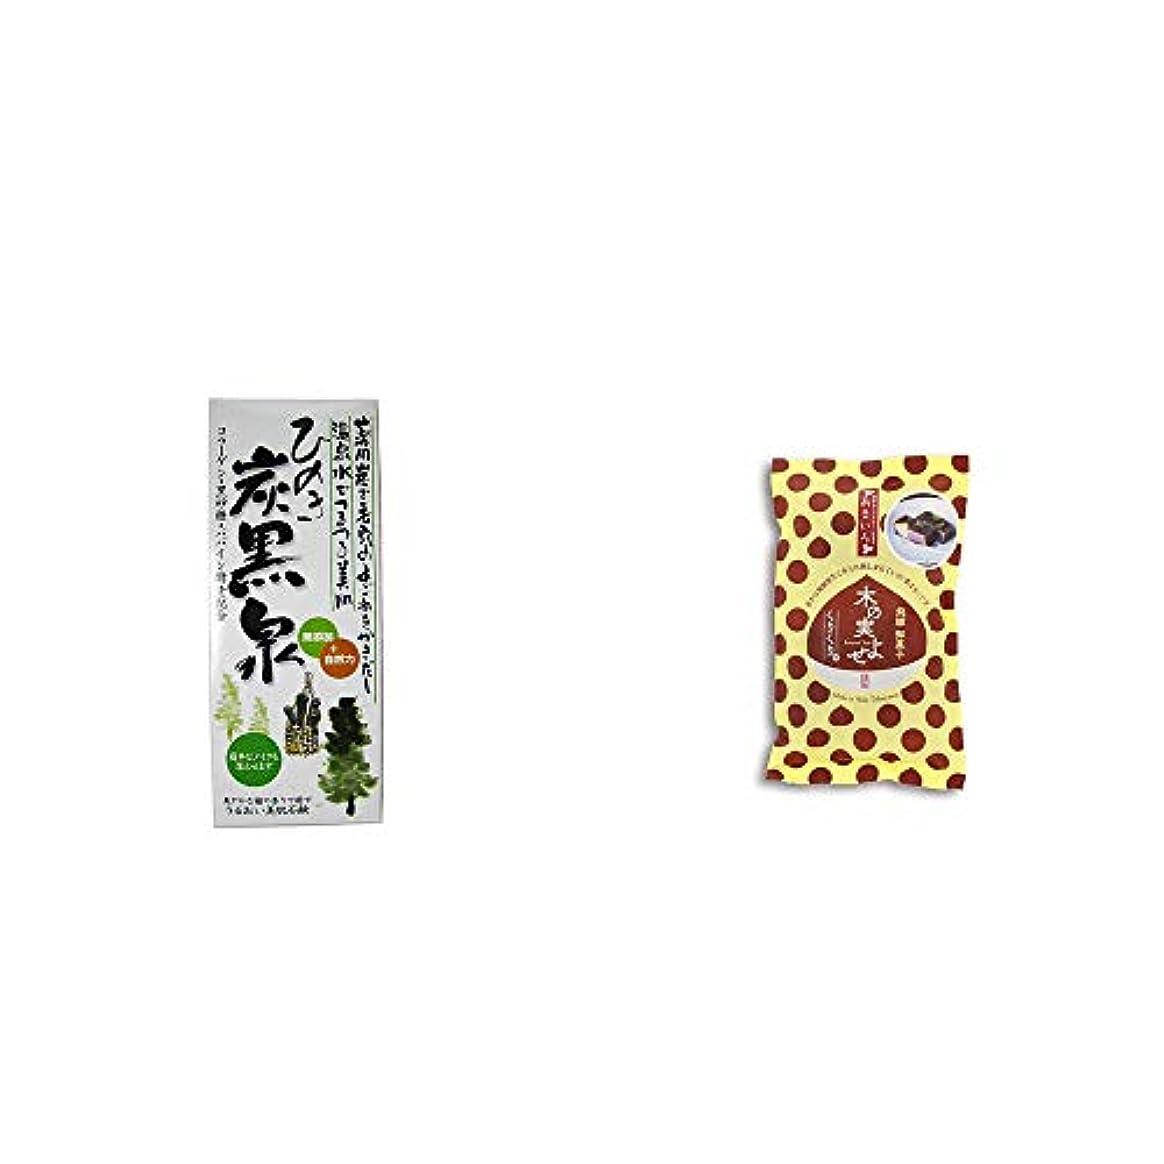 アーティスト養うメンダシティ[2点セット] ひのき炭黒泉 箱入り(75g×3)?木の実よせ くりくり味(5個入)